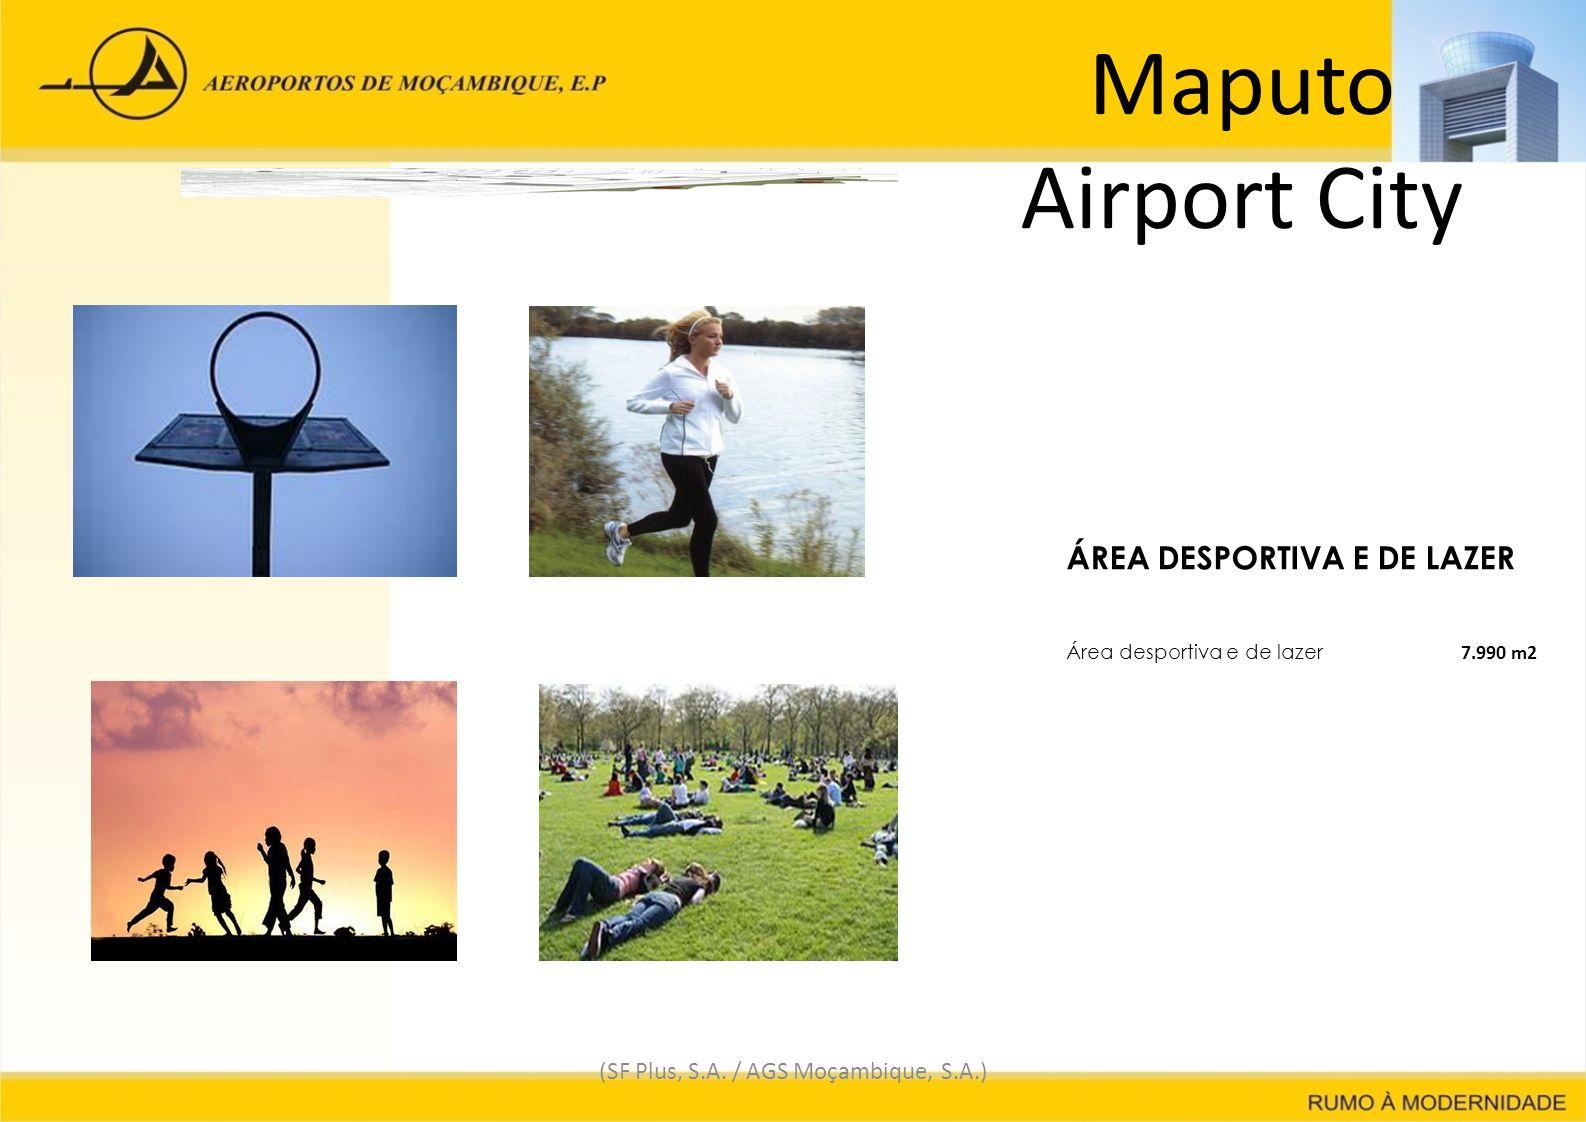 Maputo Airport City (SF Plus, S.A. / AGS Moçambique, S.A.) ÁREA DESPORTIVA E DE LAZER Área desportiva e de lazer 7.990 m27.990 m2